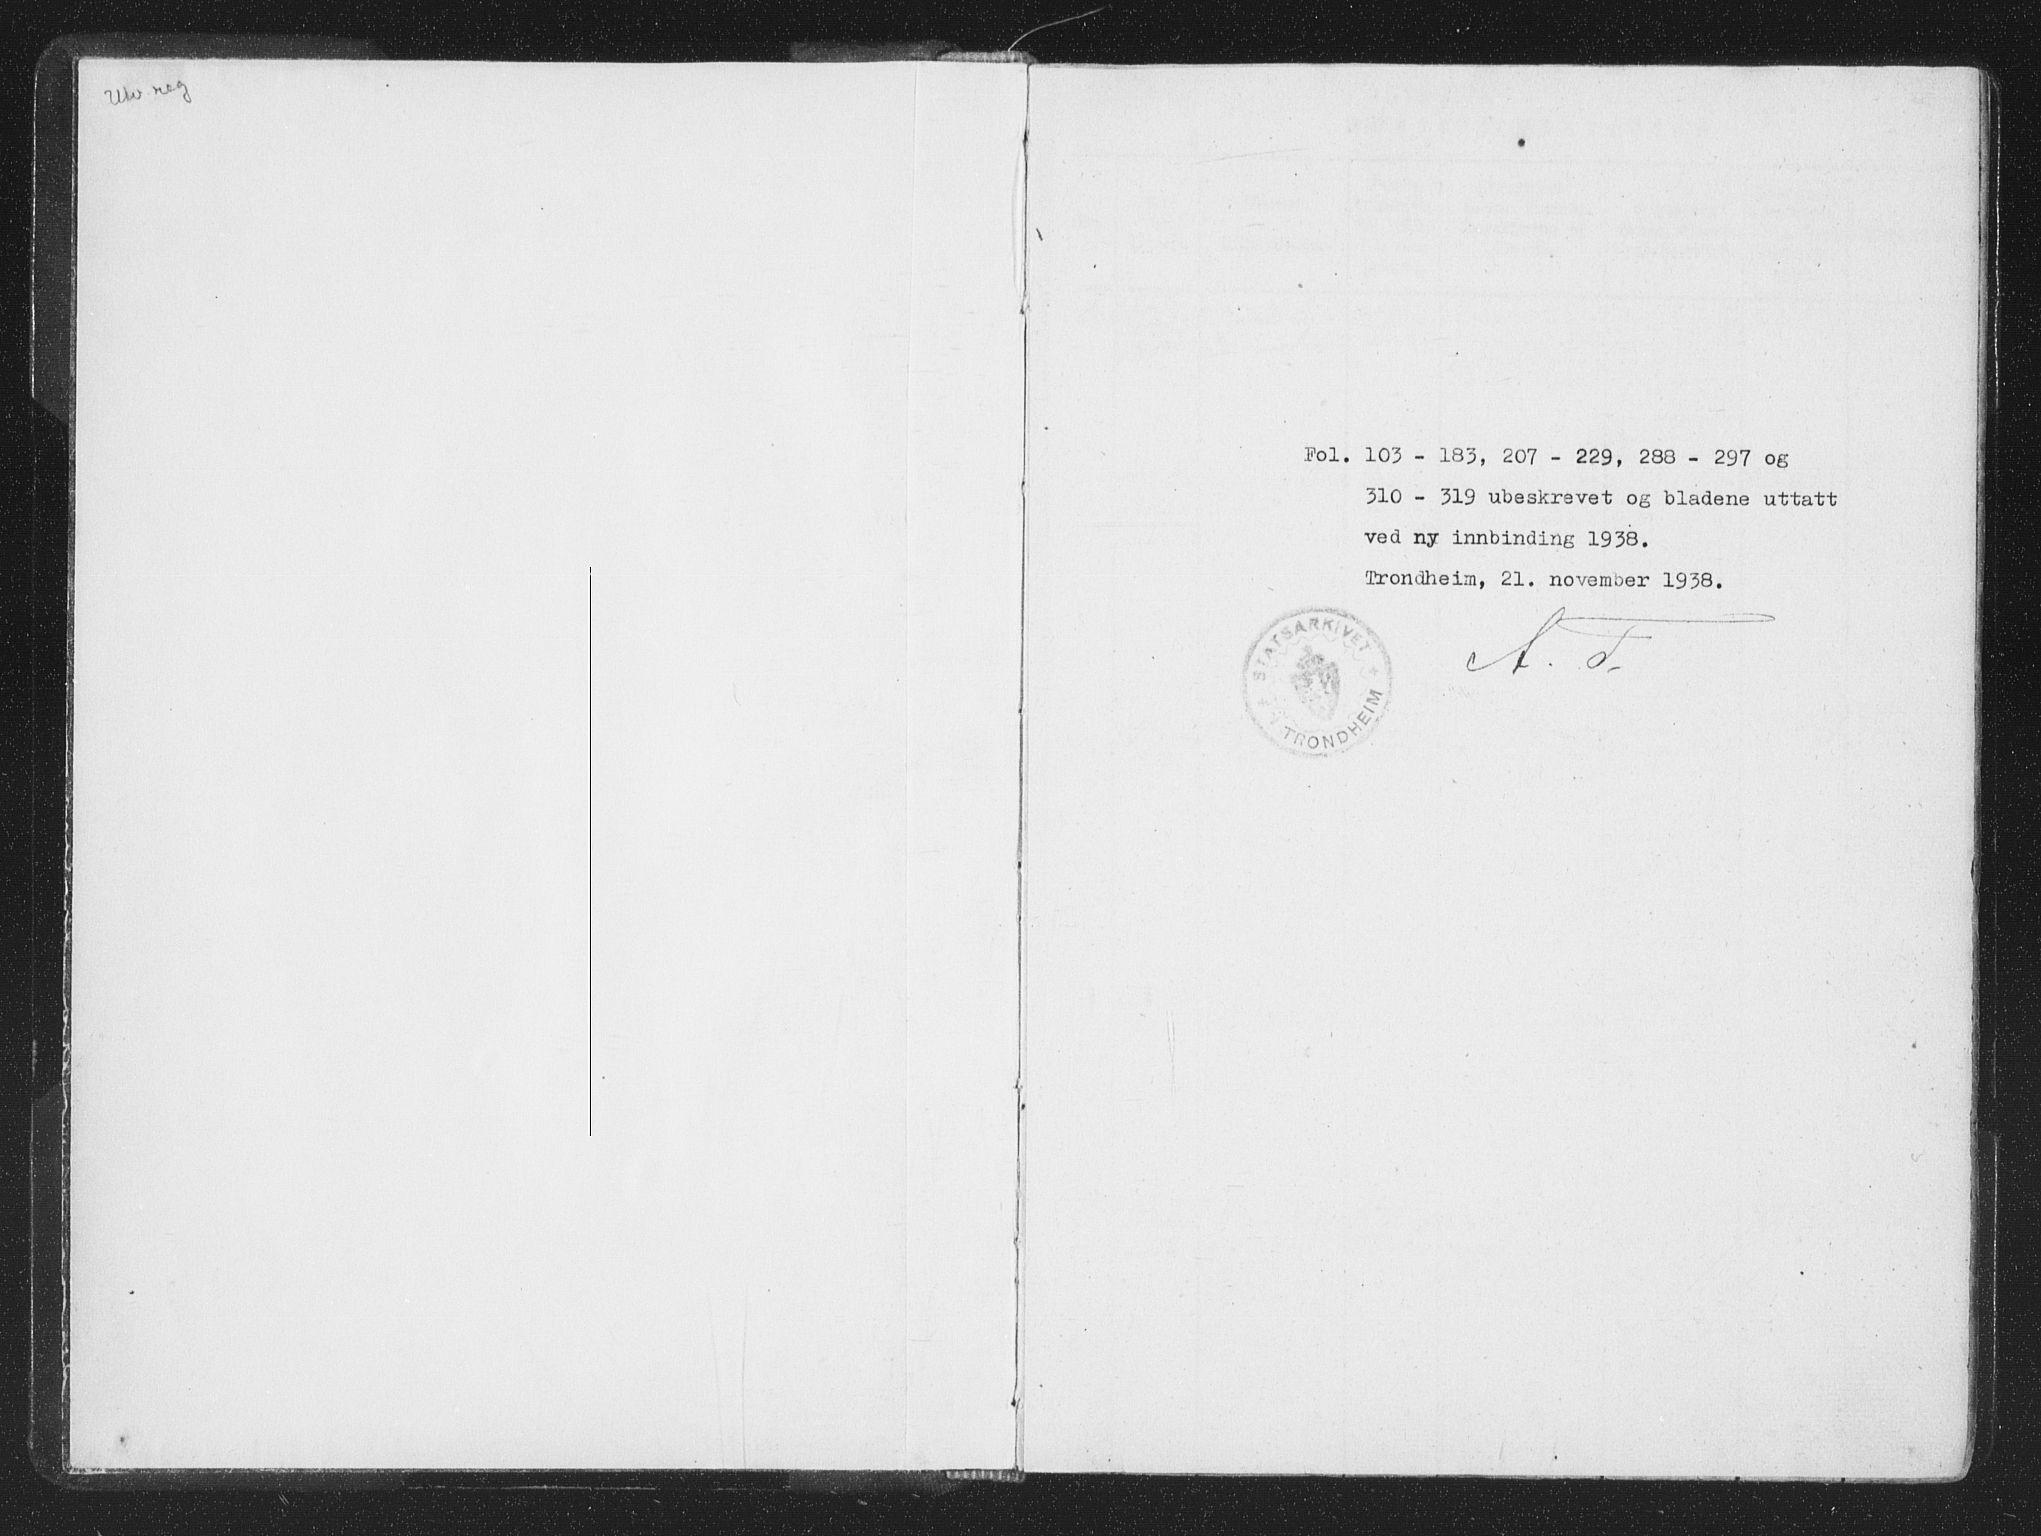 SAT, Ministerialprotokoller, klokkerbøker og fødselsregistre - Sør-Trøndelag, 659/L0734: Ministerialbok nr. 659A04, 1818-1825